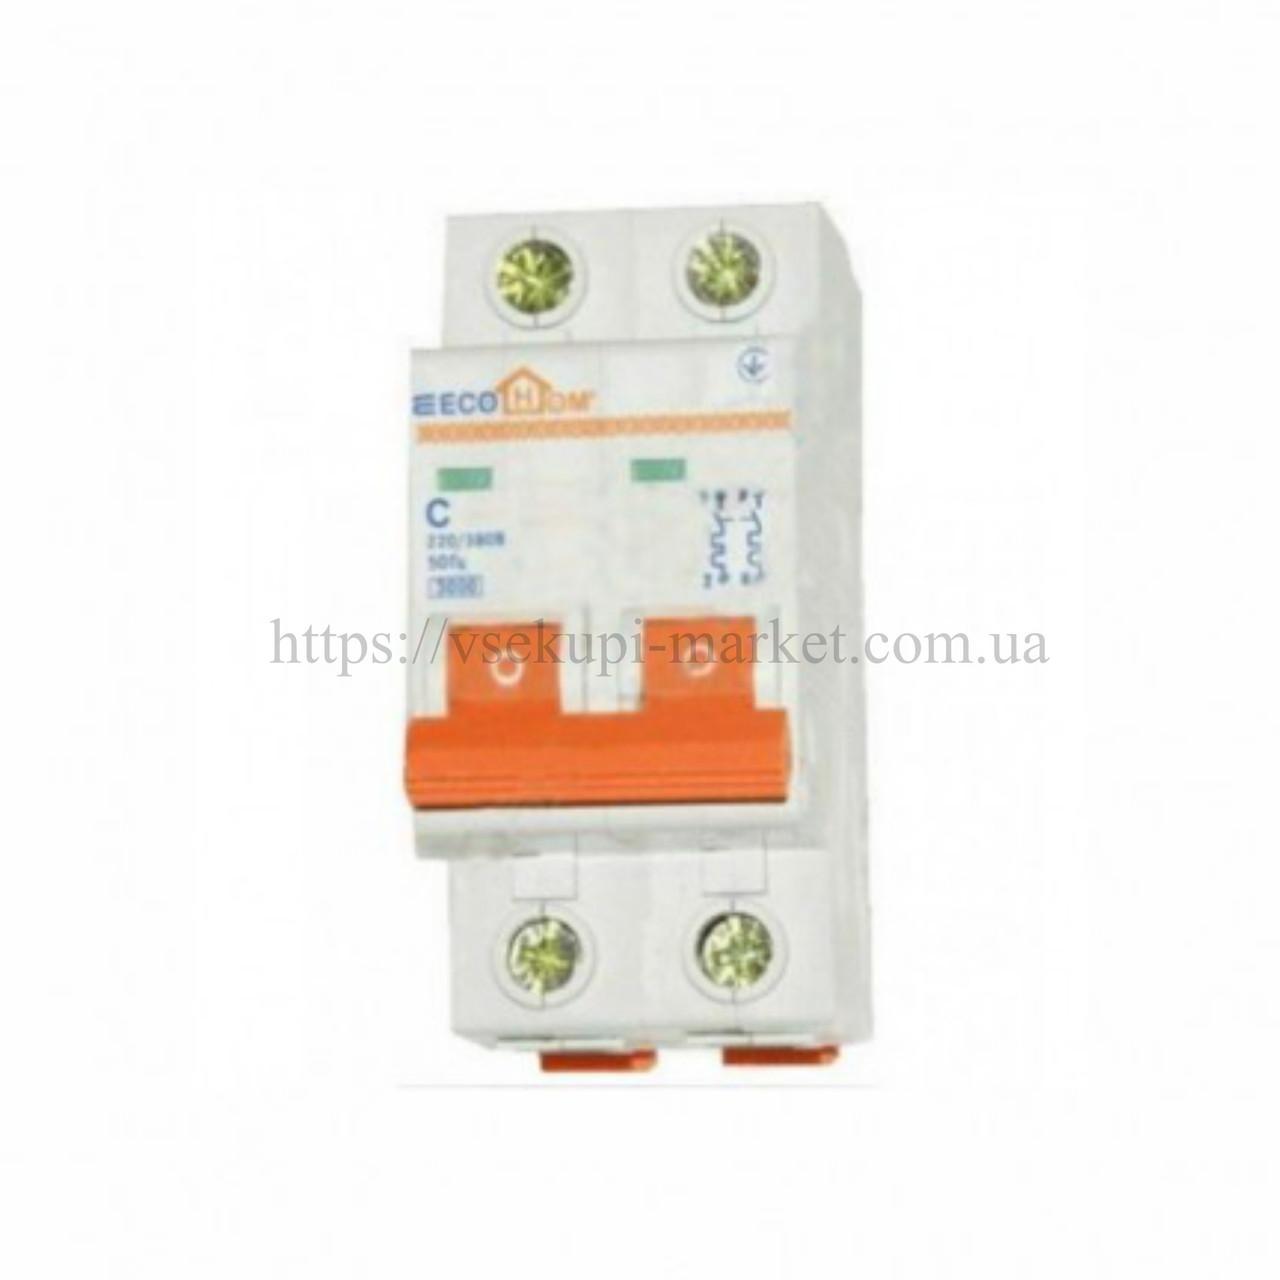 Автоматический выключатель ecohome eco 2p 32А